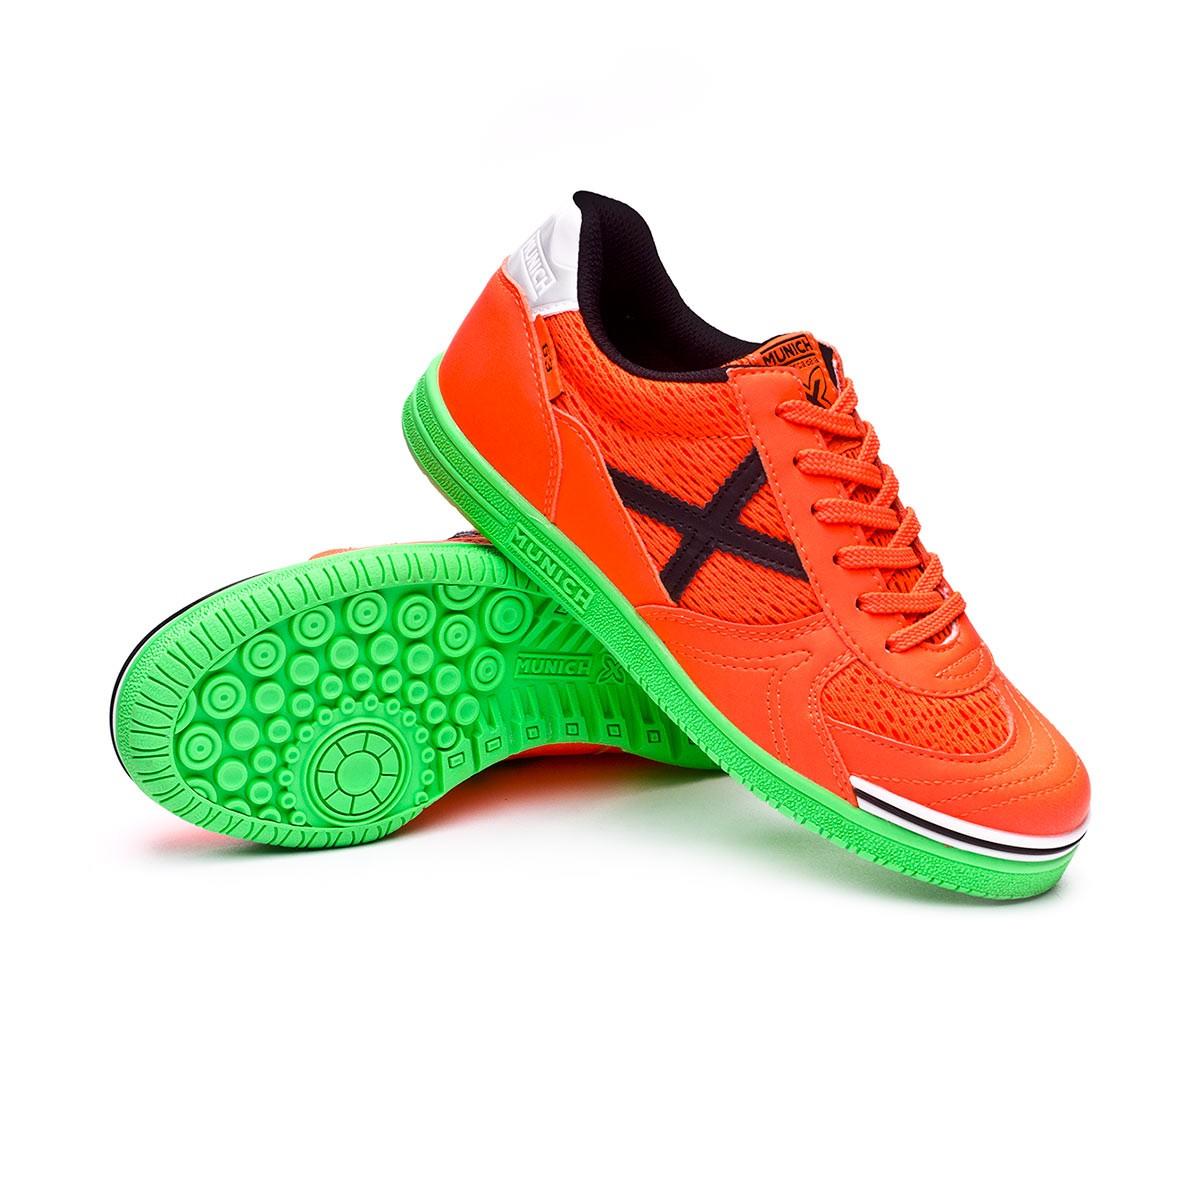 2019 nuevos productos Zapatilla Munich G3 Naranja Verde